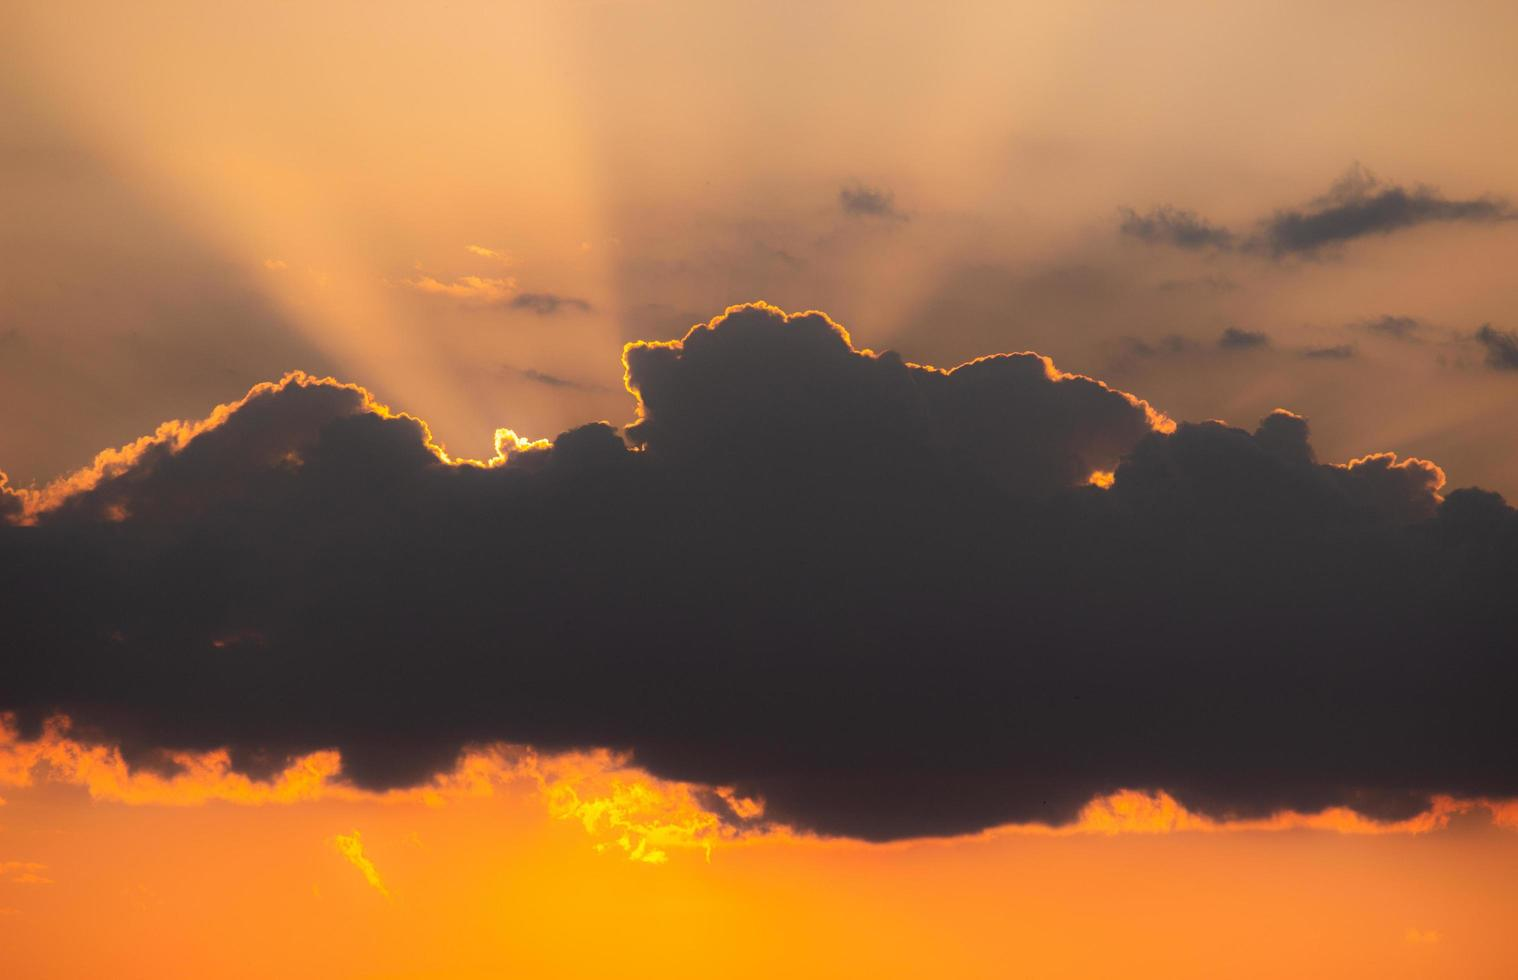 nuage devant le soleil au coucher du soleil photo